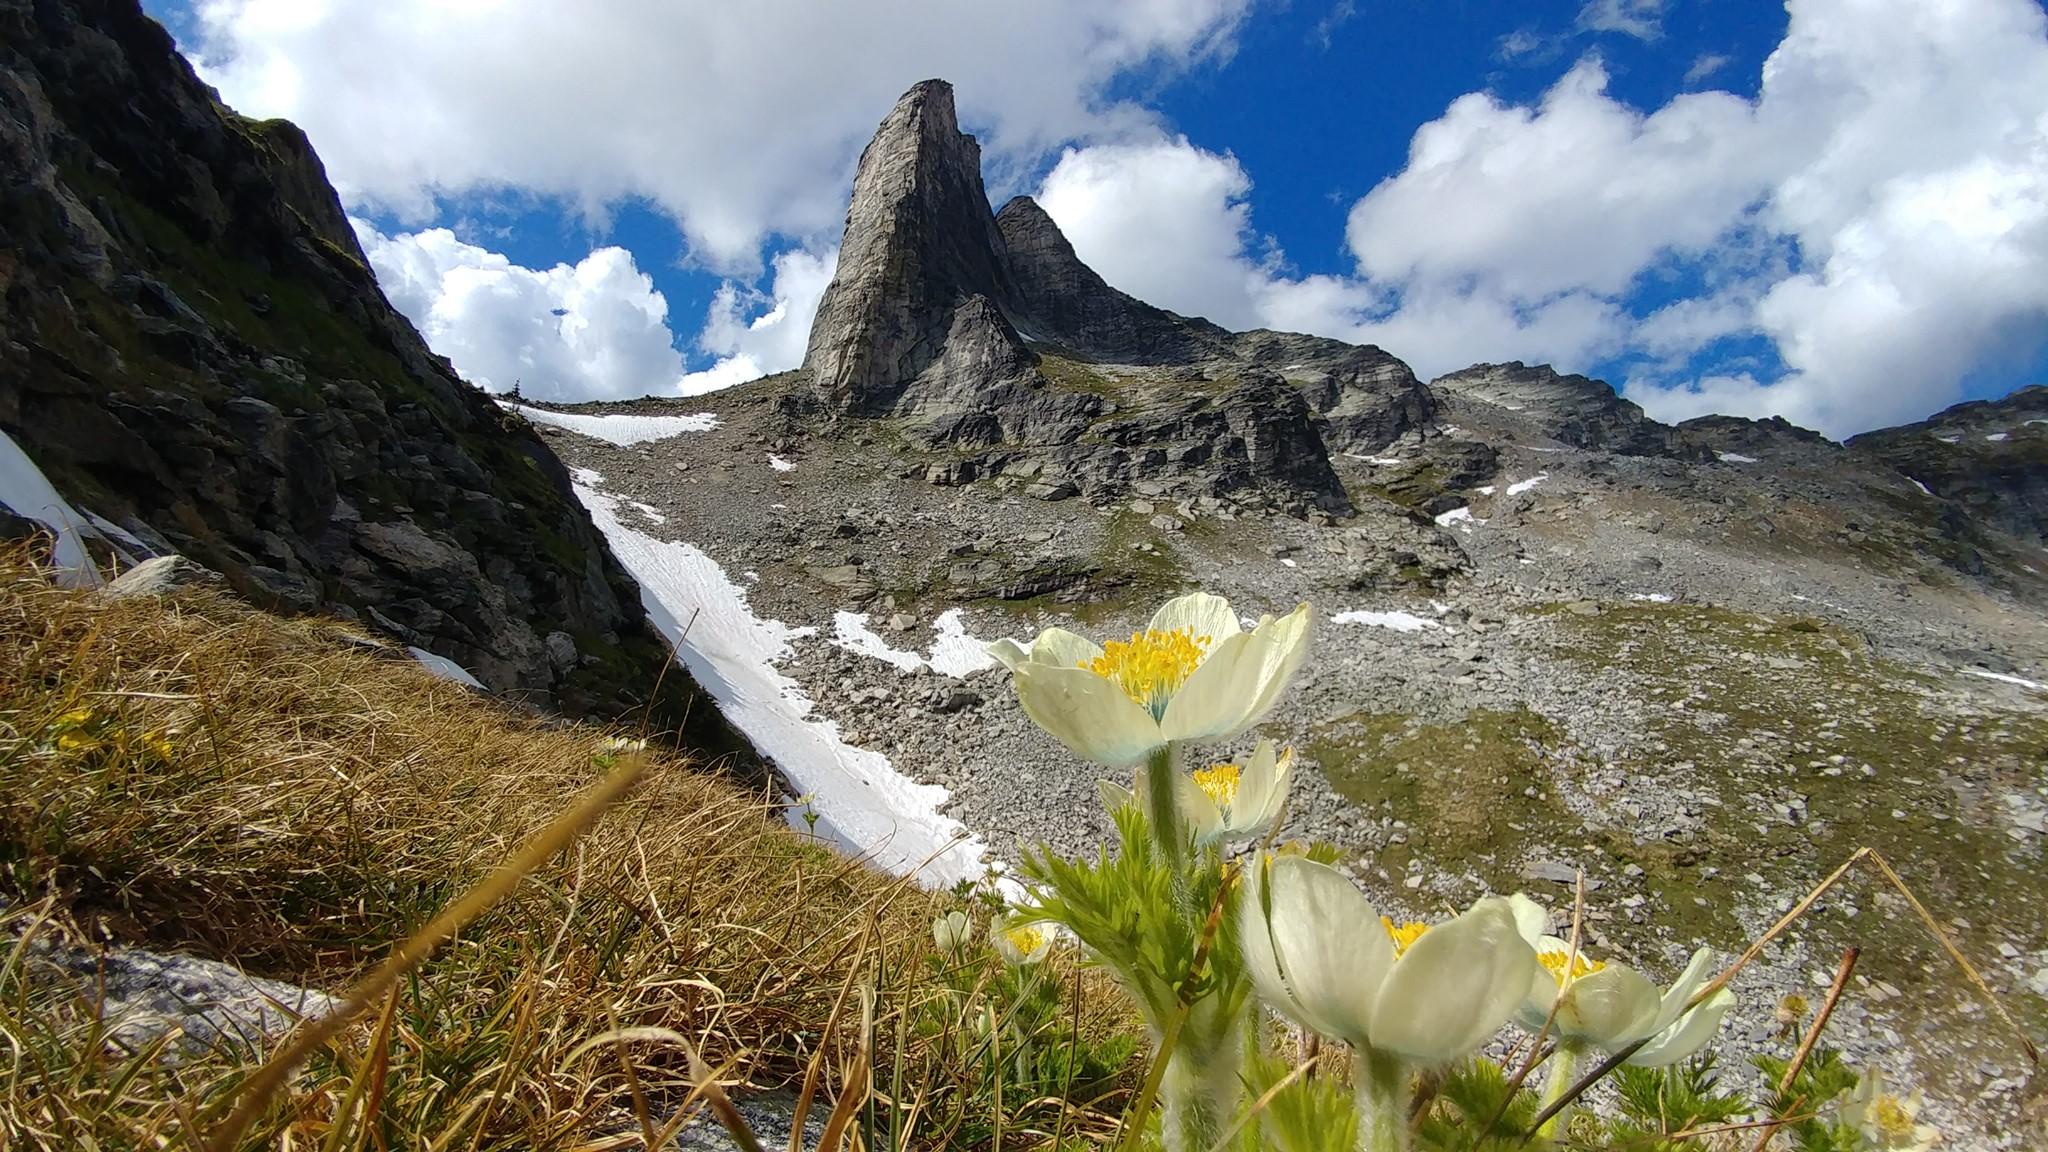 Canada peak